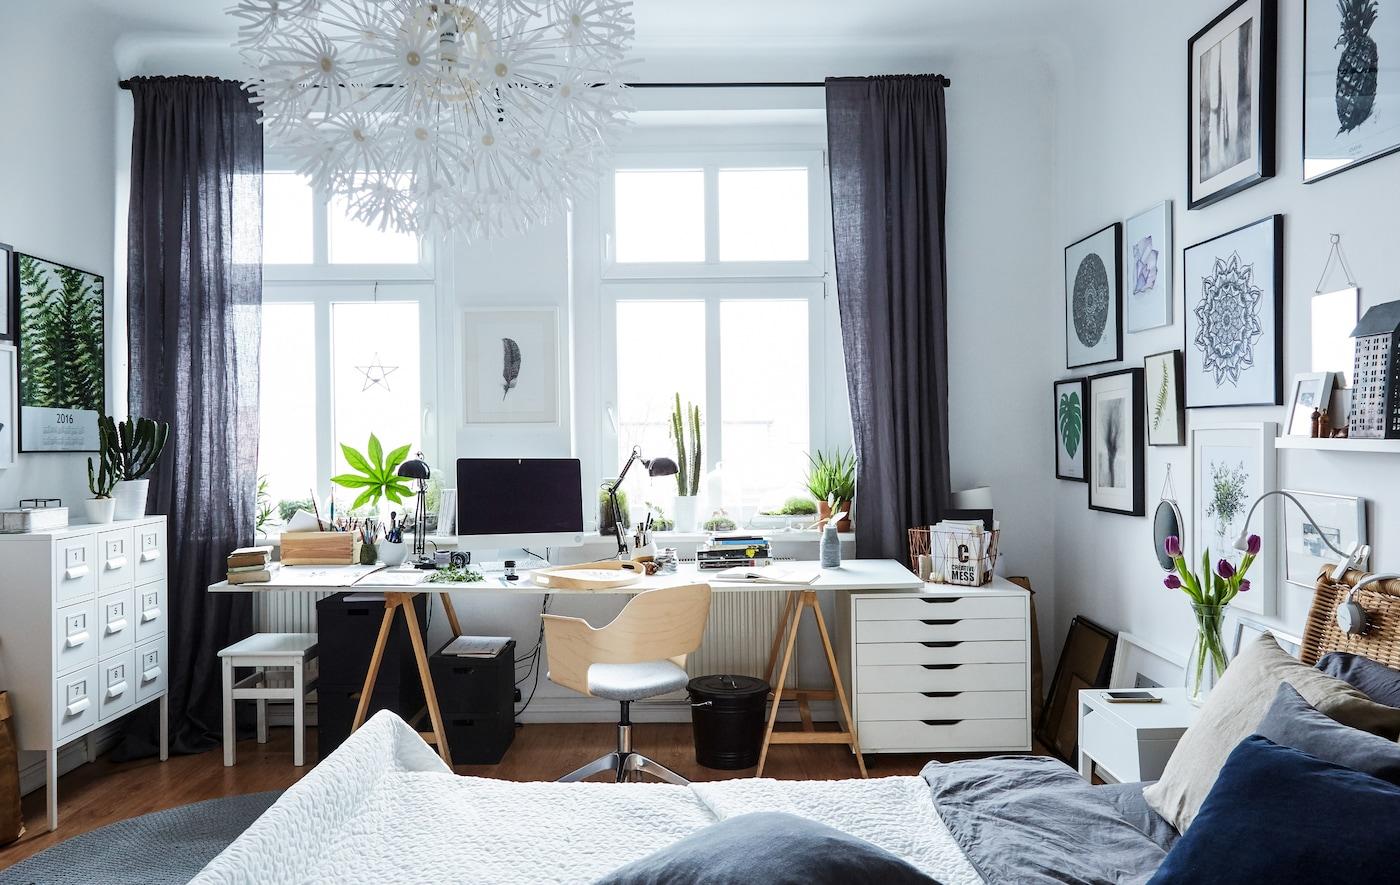 Un gran dormitorio blanco con un espacio de oficina en casa, frente a grandes ventanas.